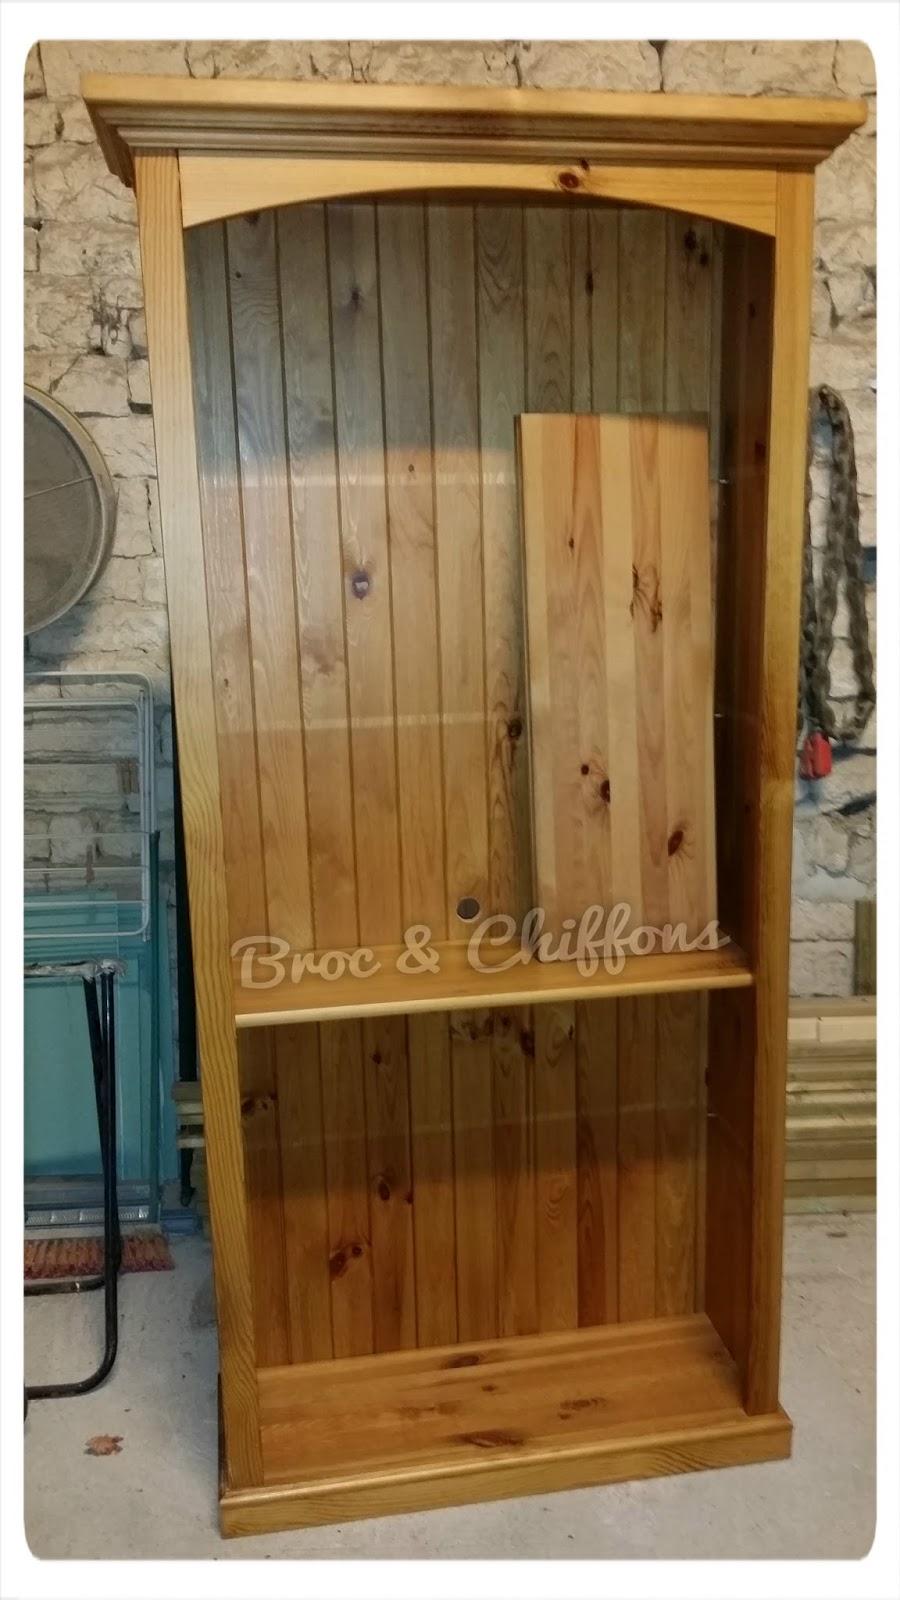 broc et chiffons relooking de meubles dans les deux s vres 79 patine l 39 ancienne biblioth que. Black Bedroom Furniture Sets. Home Design Ideas